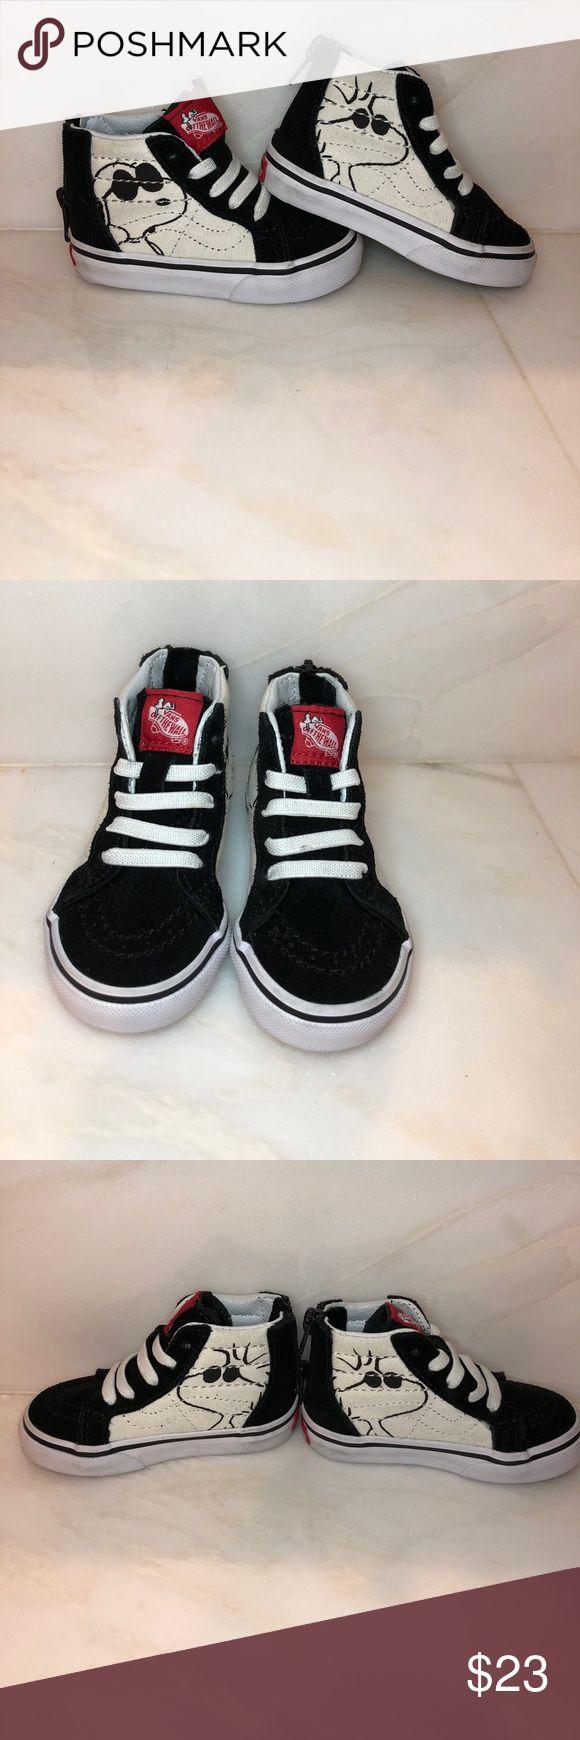 Vans hi top snoopy sneakers in size 4 Vans hi top snoopy sneakers in size 4. In excellent condition!! Vans Shoes Sneakers